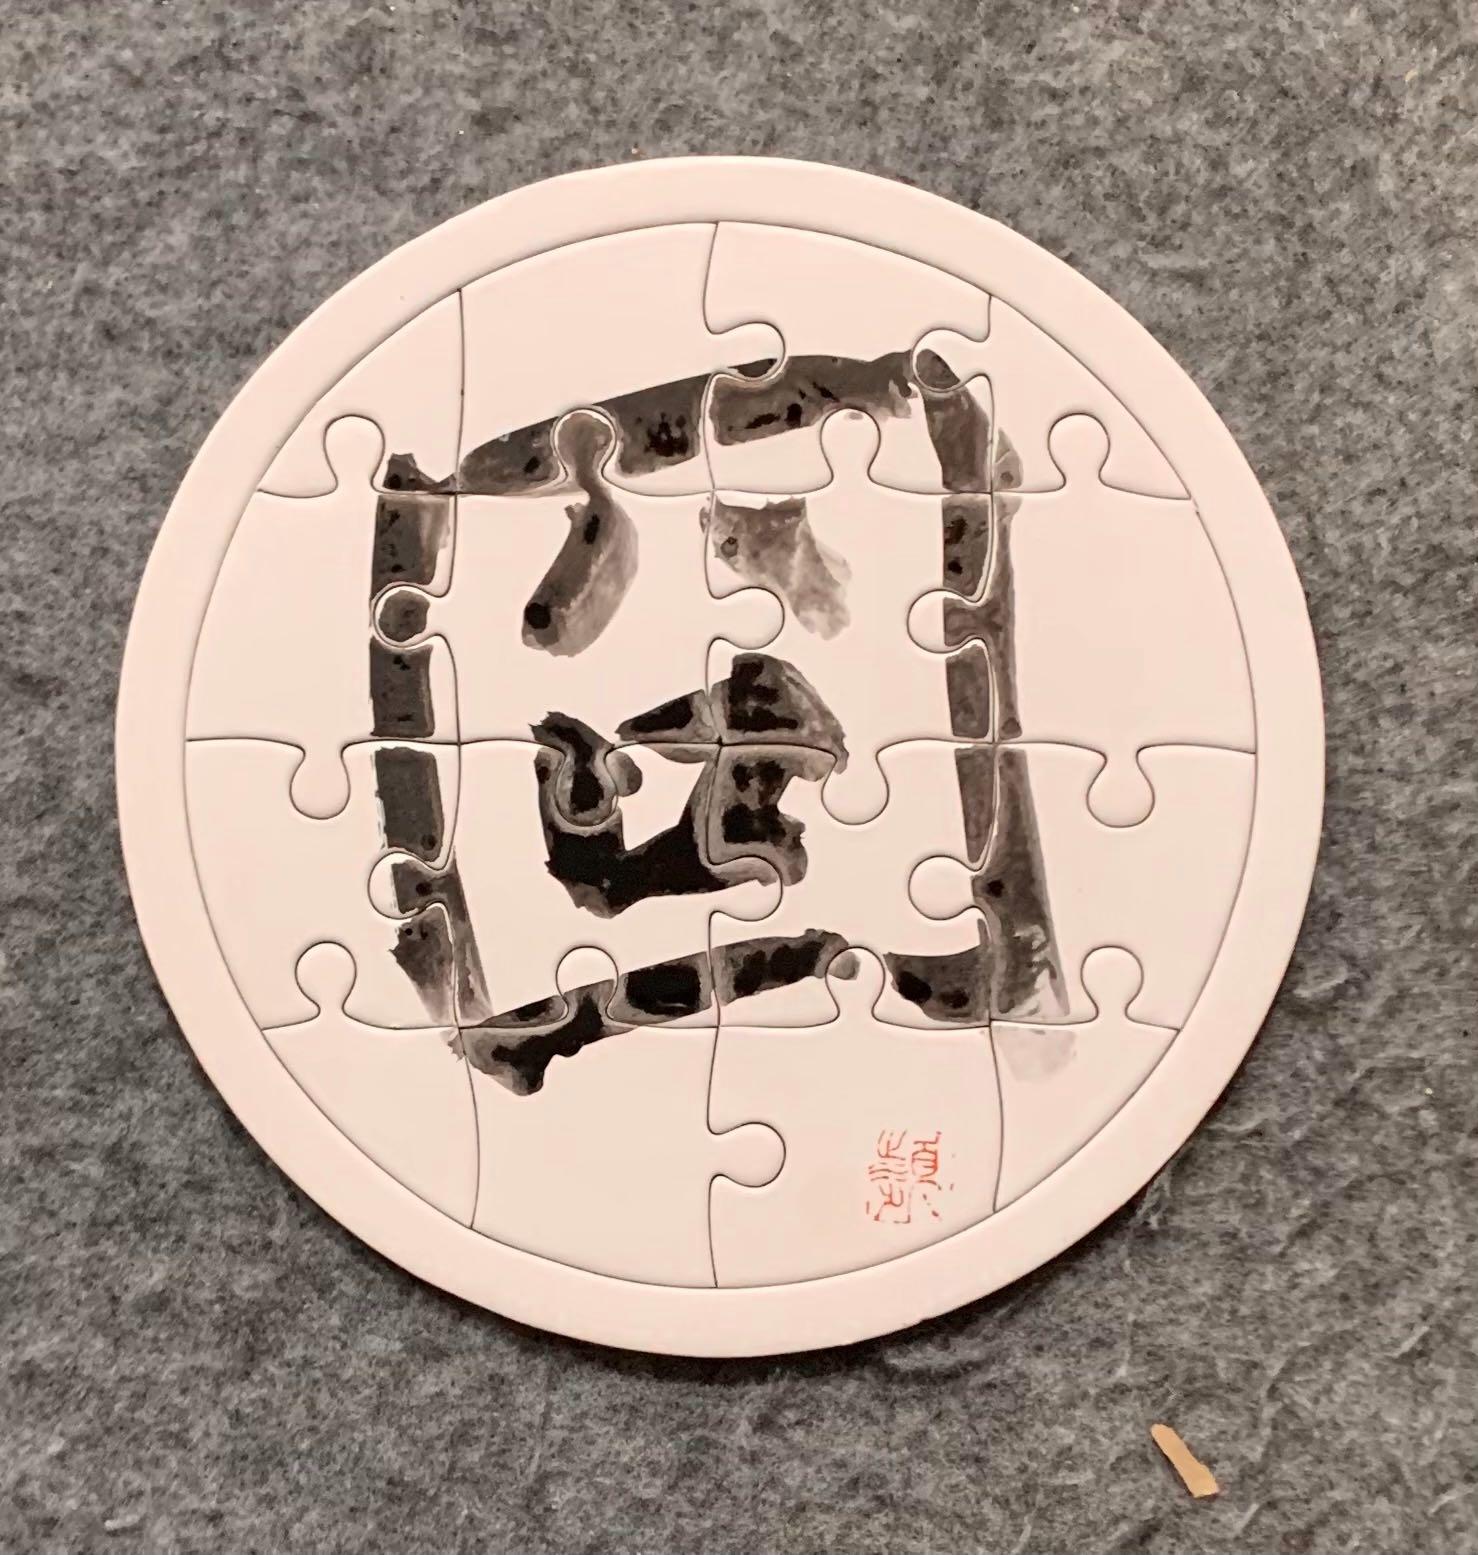 EFEF6979-1D04-486E-911D-2B5BC9205F7C.jpeg